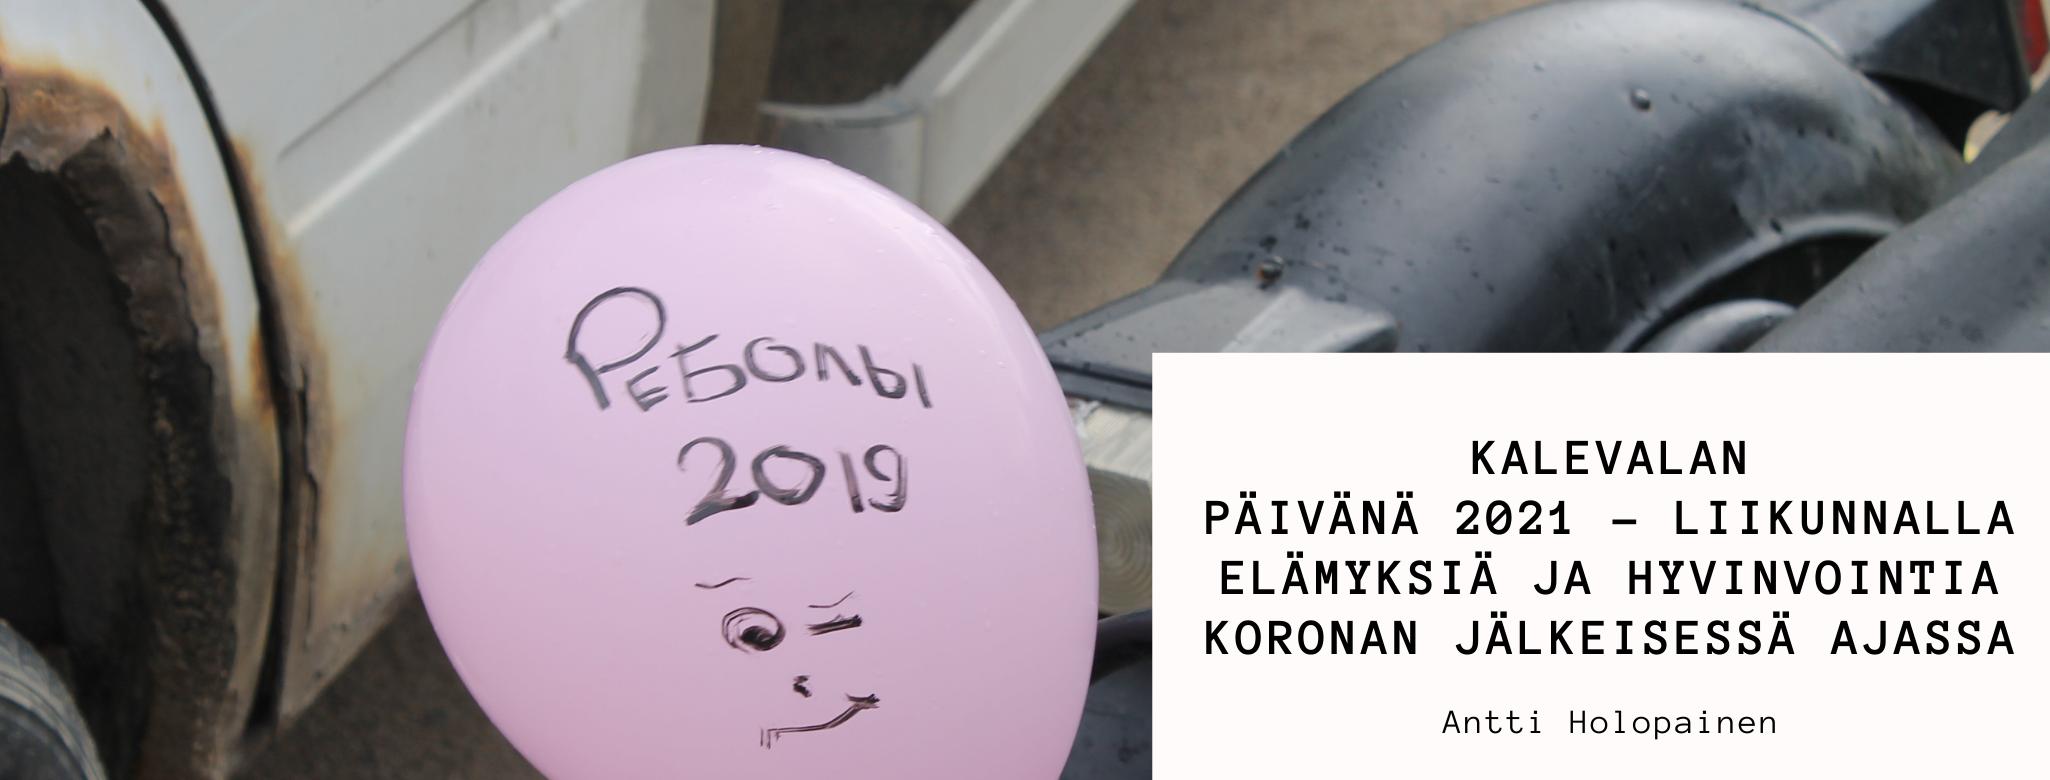 Kalevalan päivänä 2021 – liikunnalla elämyksiä ja hyvinvointia koronan jälkeisessä ajassa